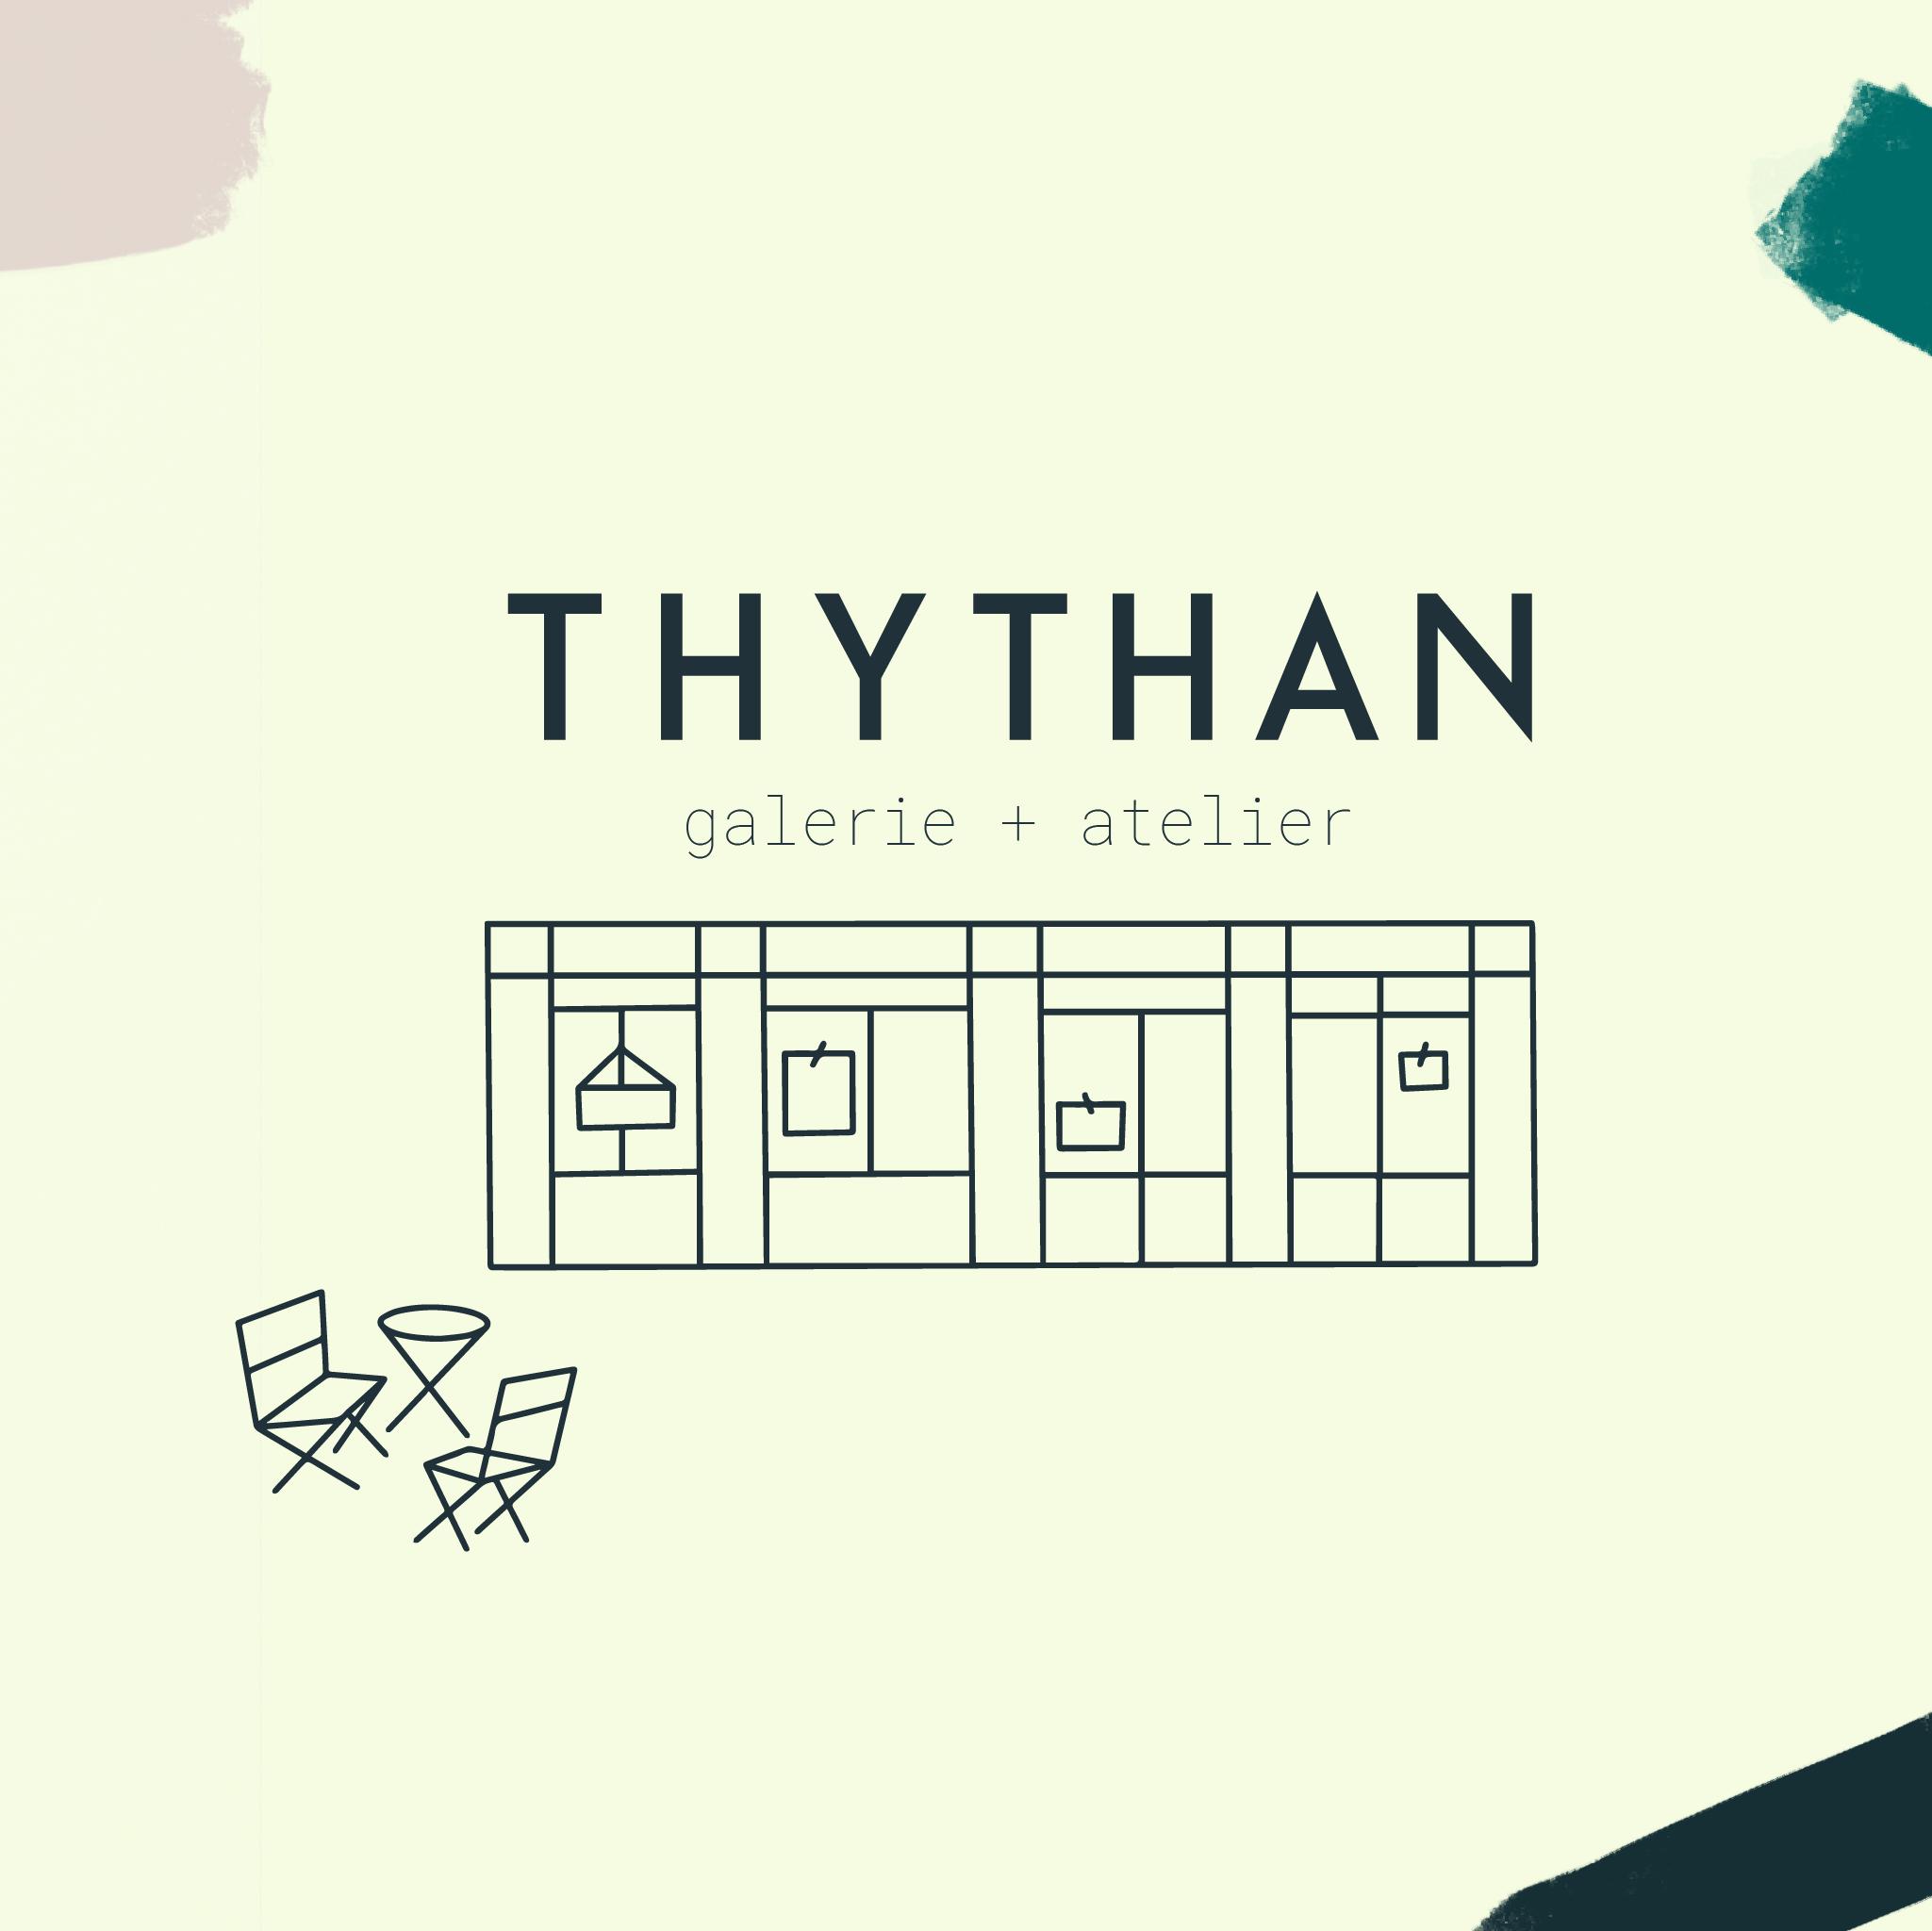 GALERIE D'ART THYTHAN